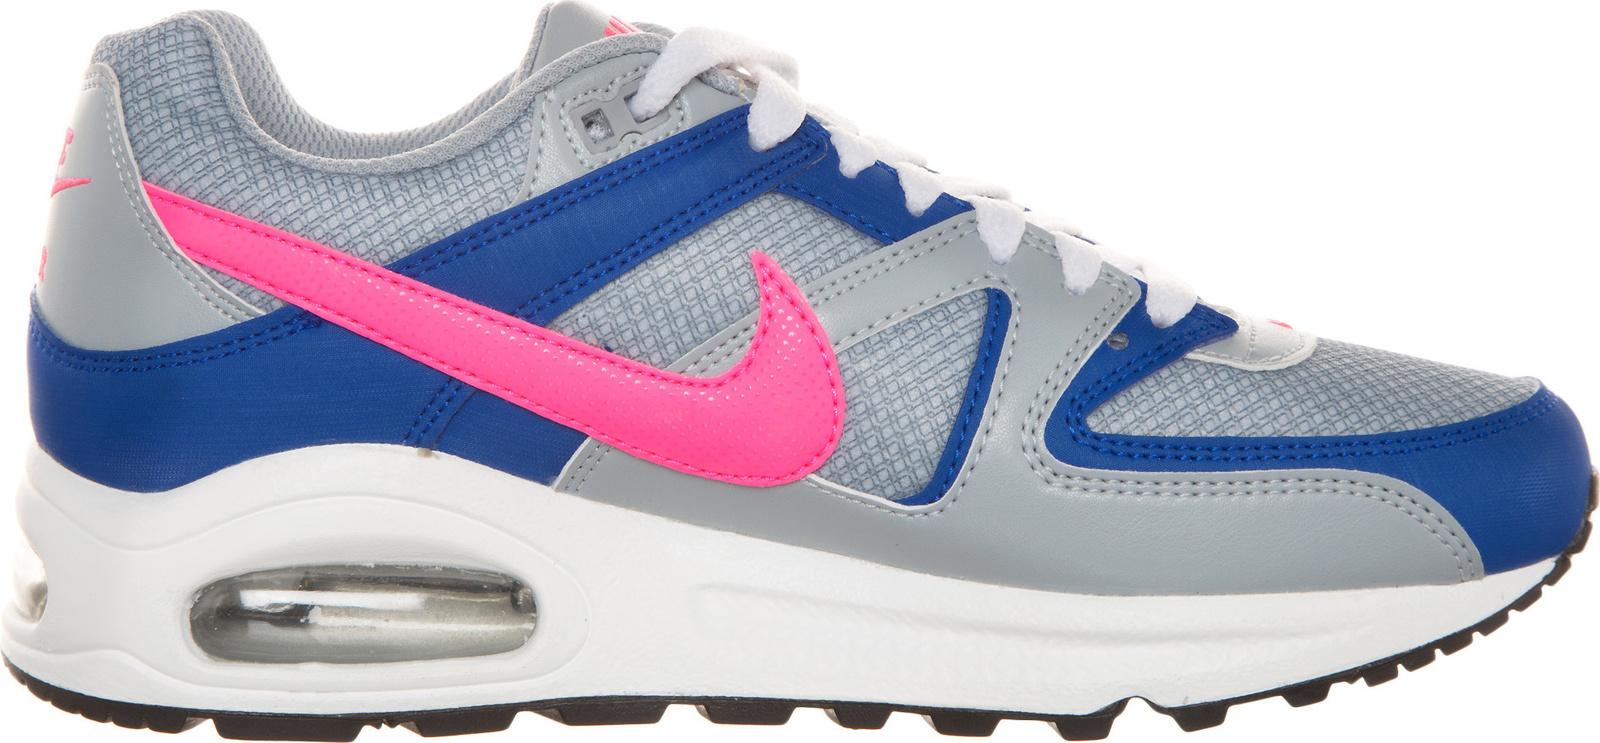 Nike Air Max Command 397690 060